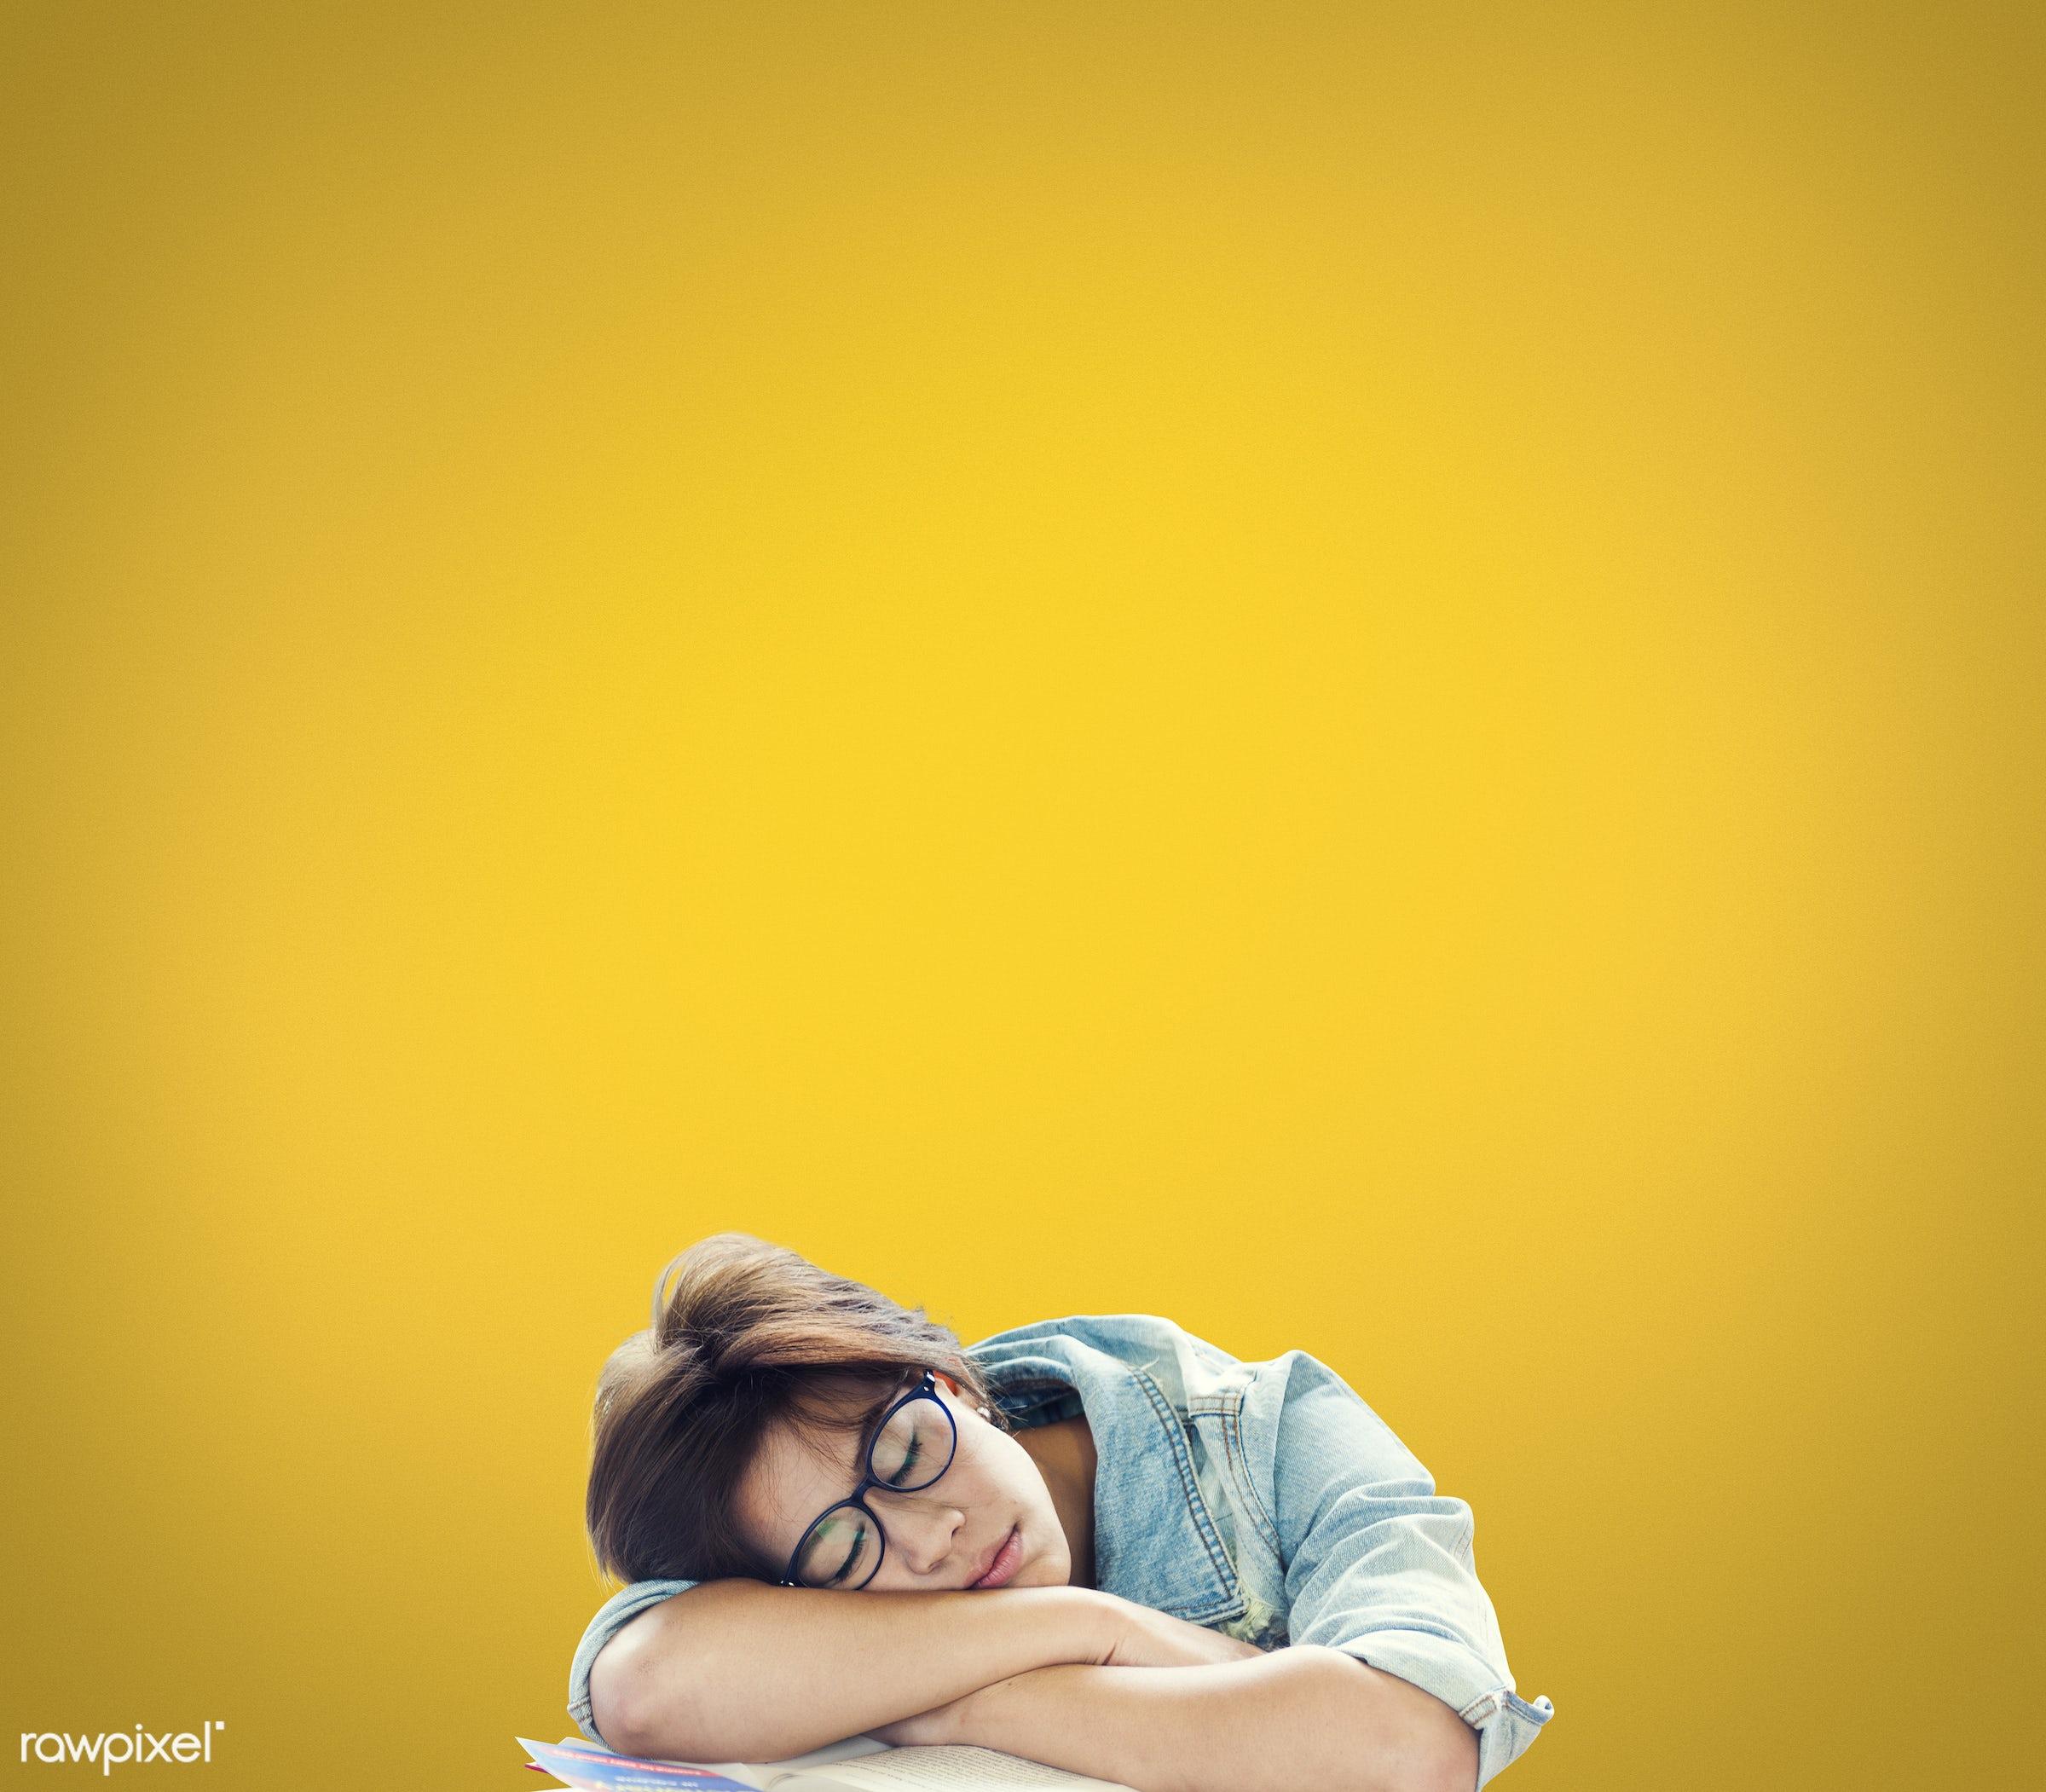 abstract, asleep, blank, bored, break, calm, casual, concept, copy space, design, hipster, idea, nap, no energy, plain,...